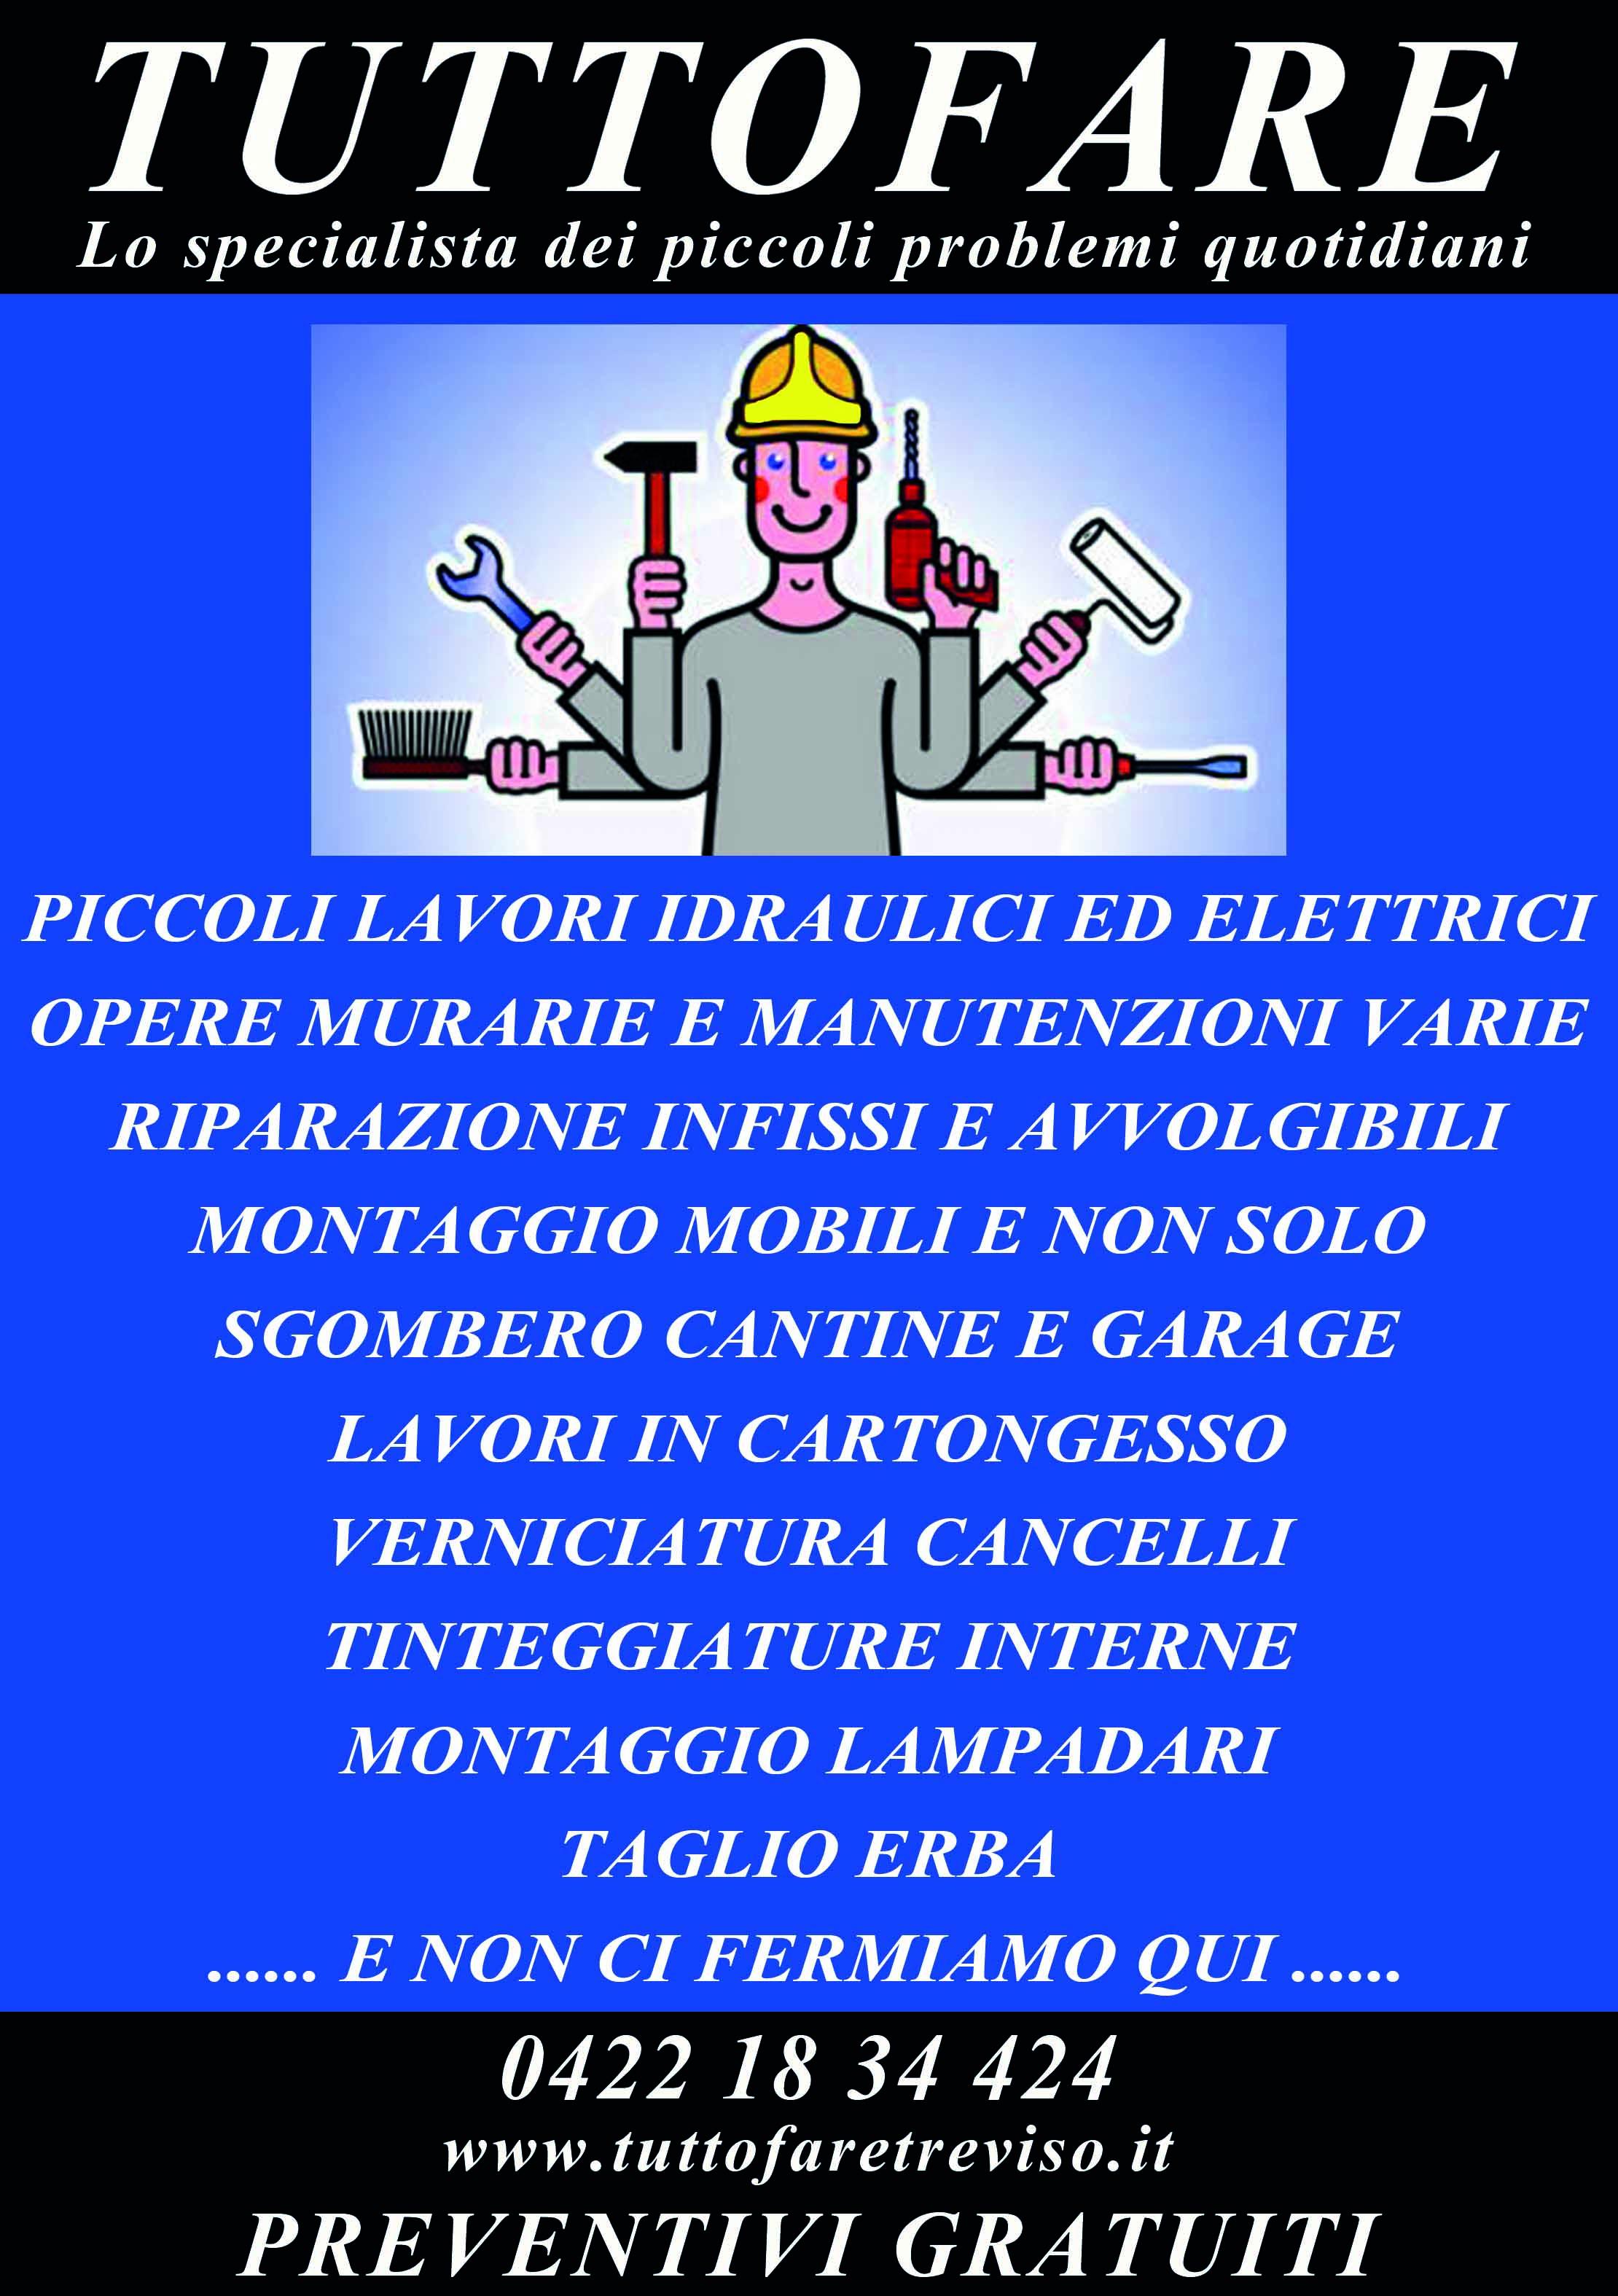 Tuttofare Treviso